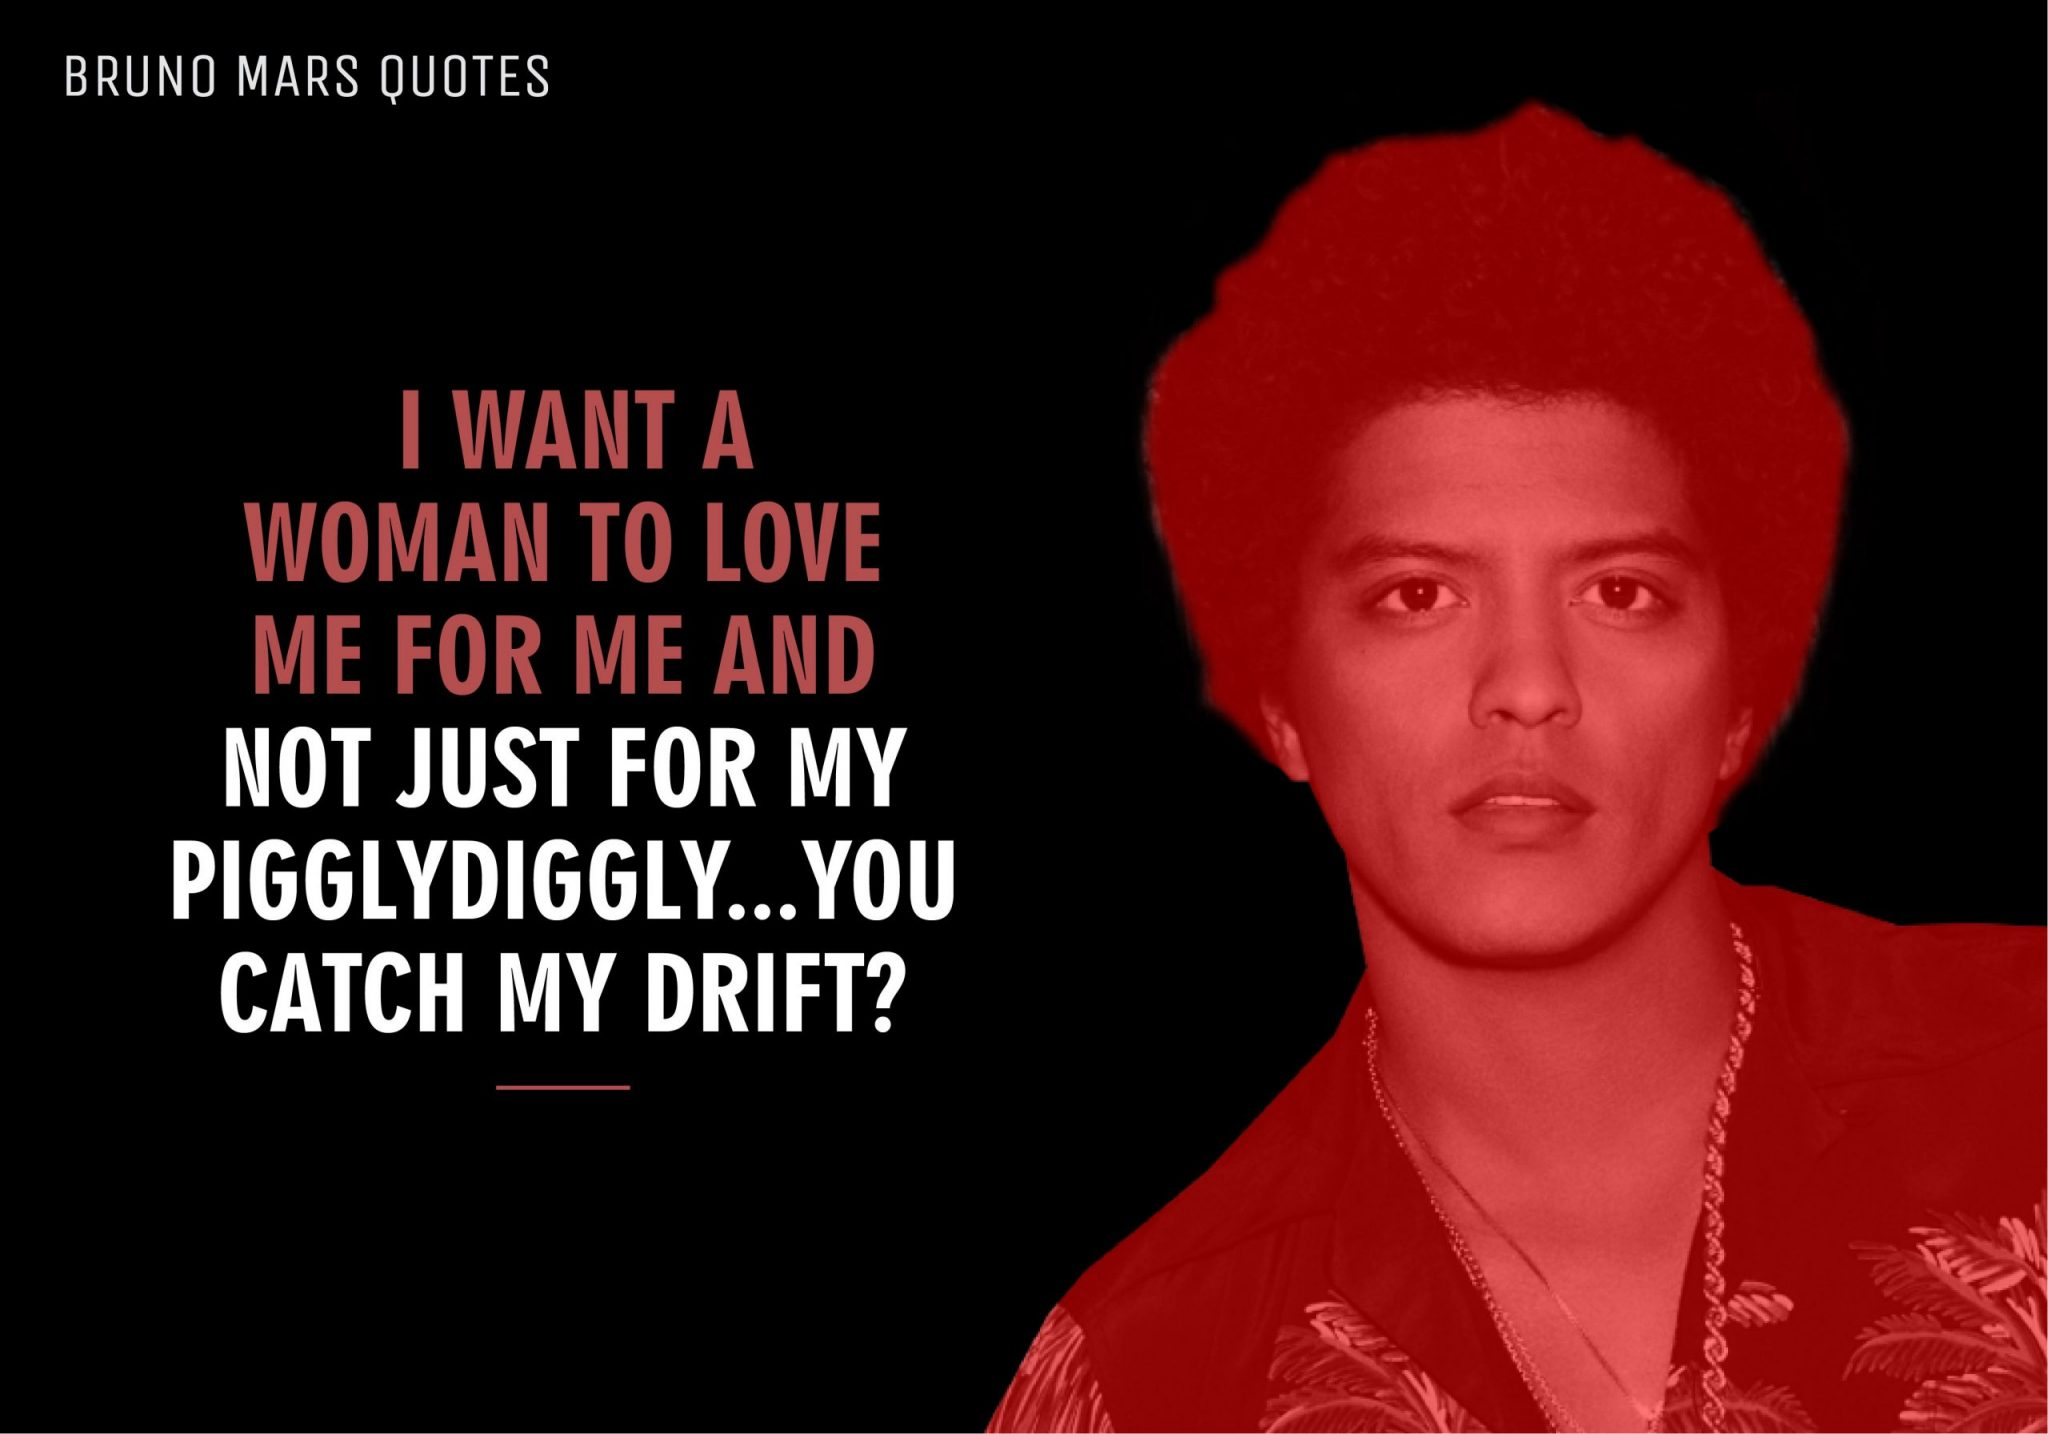 Bruno Mars Quotes (6)